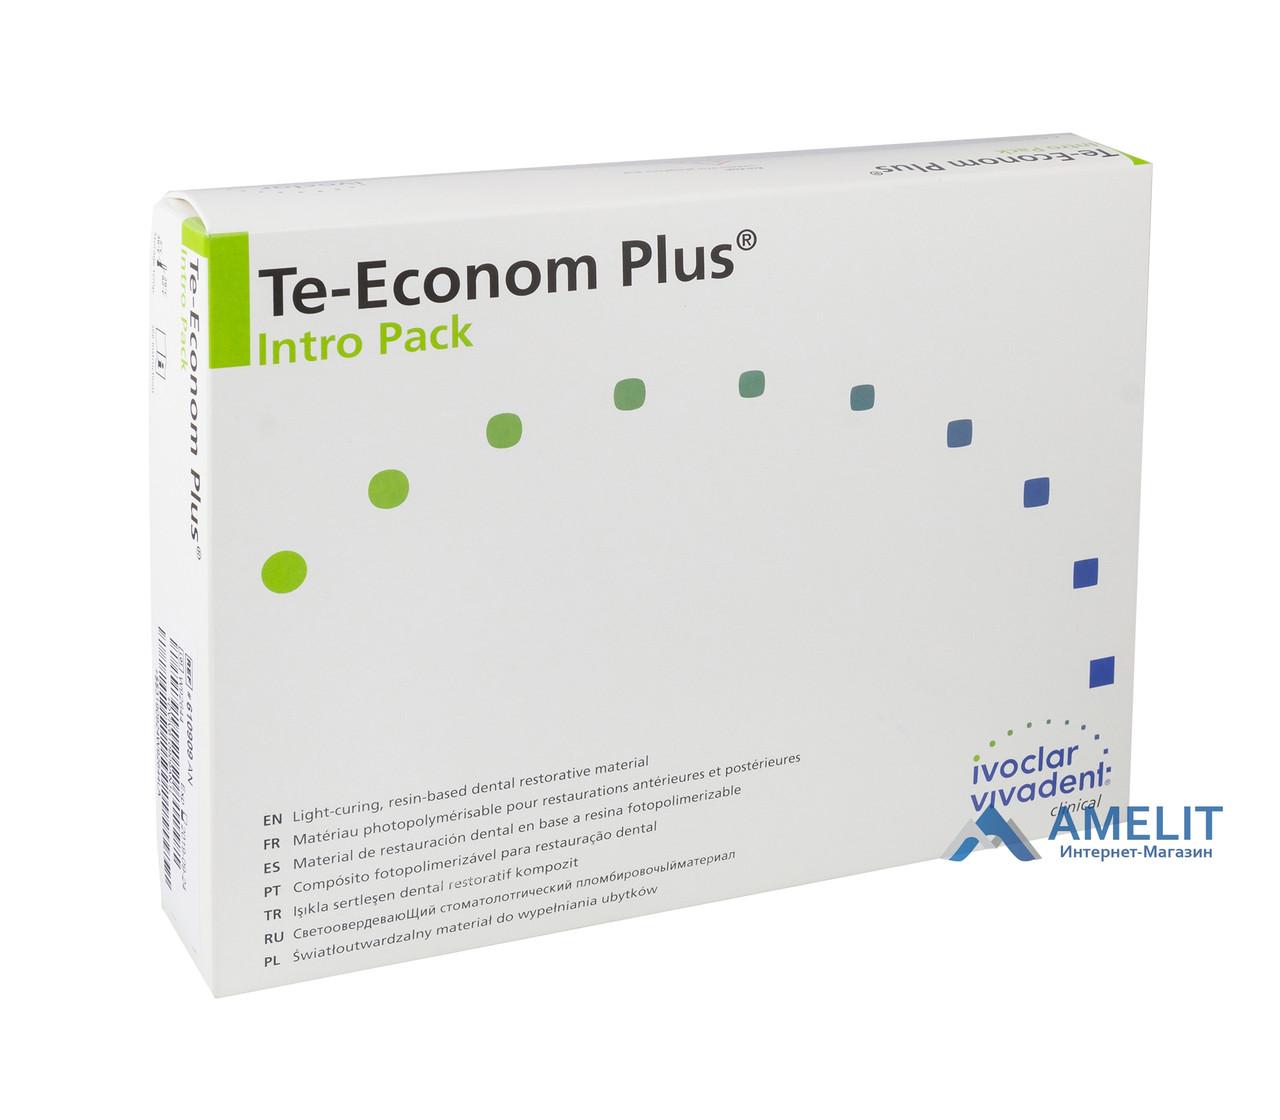 Тэ-Эконом Плюс (Te-Econom Plus, Ivoclar Vivadent), набор, 4 шприца по 4г + бонд + аксессуары